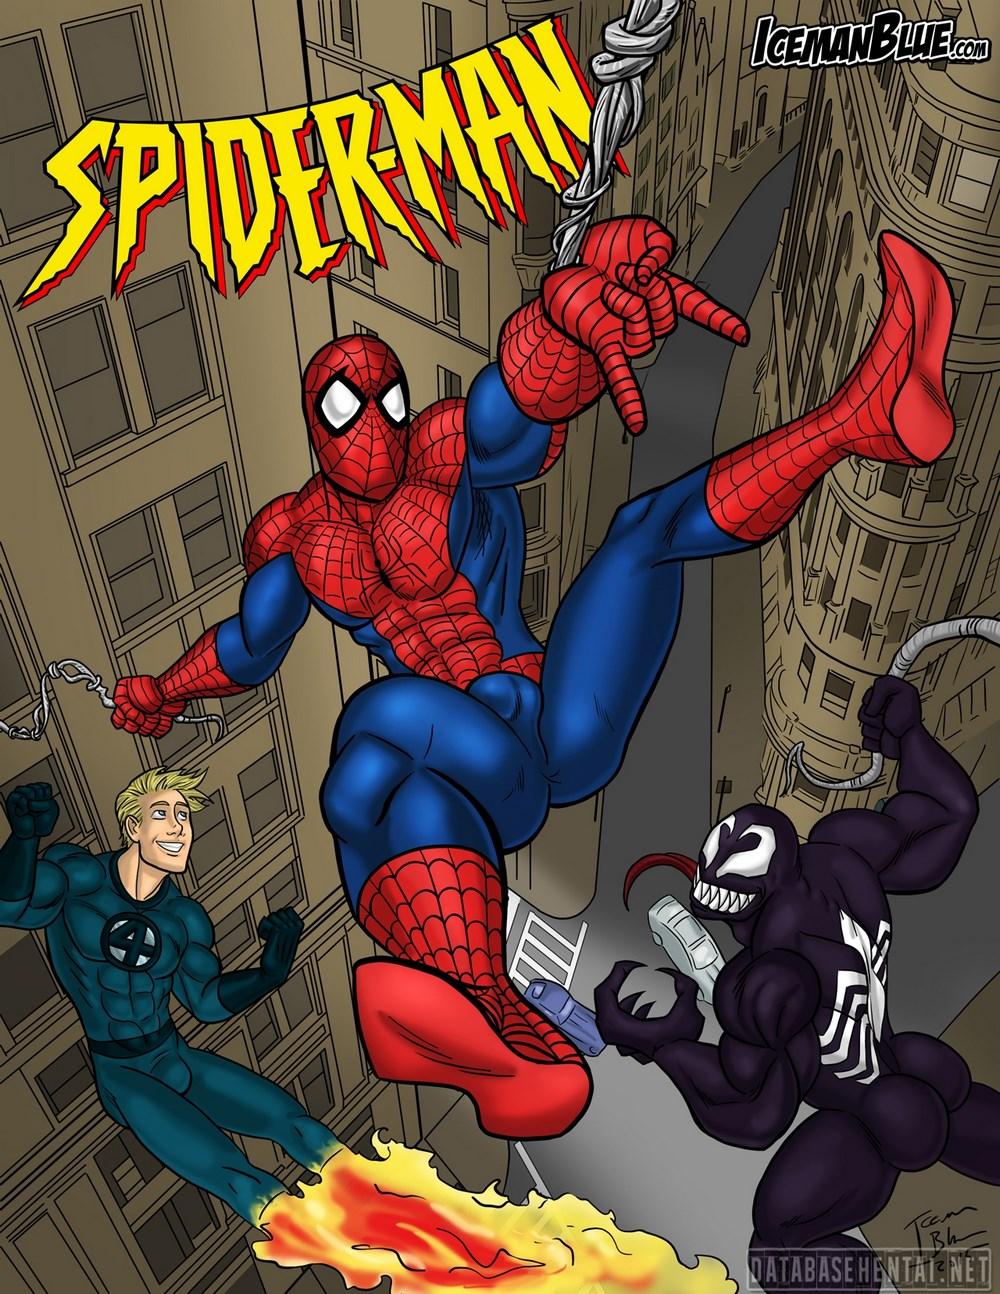 Espetacular homem aranha 2 dublado completo online dating 7